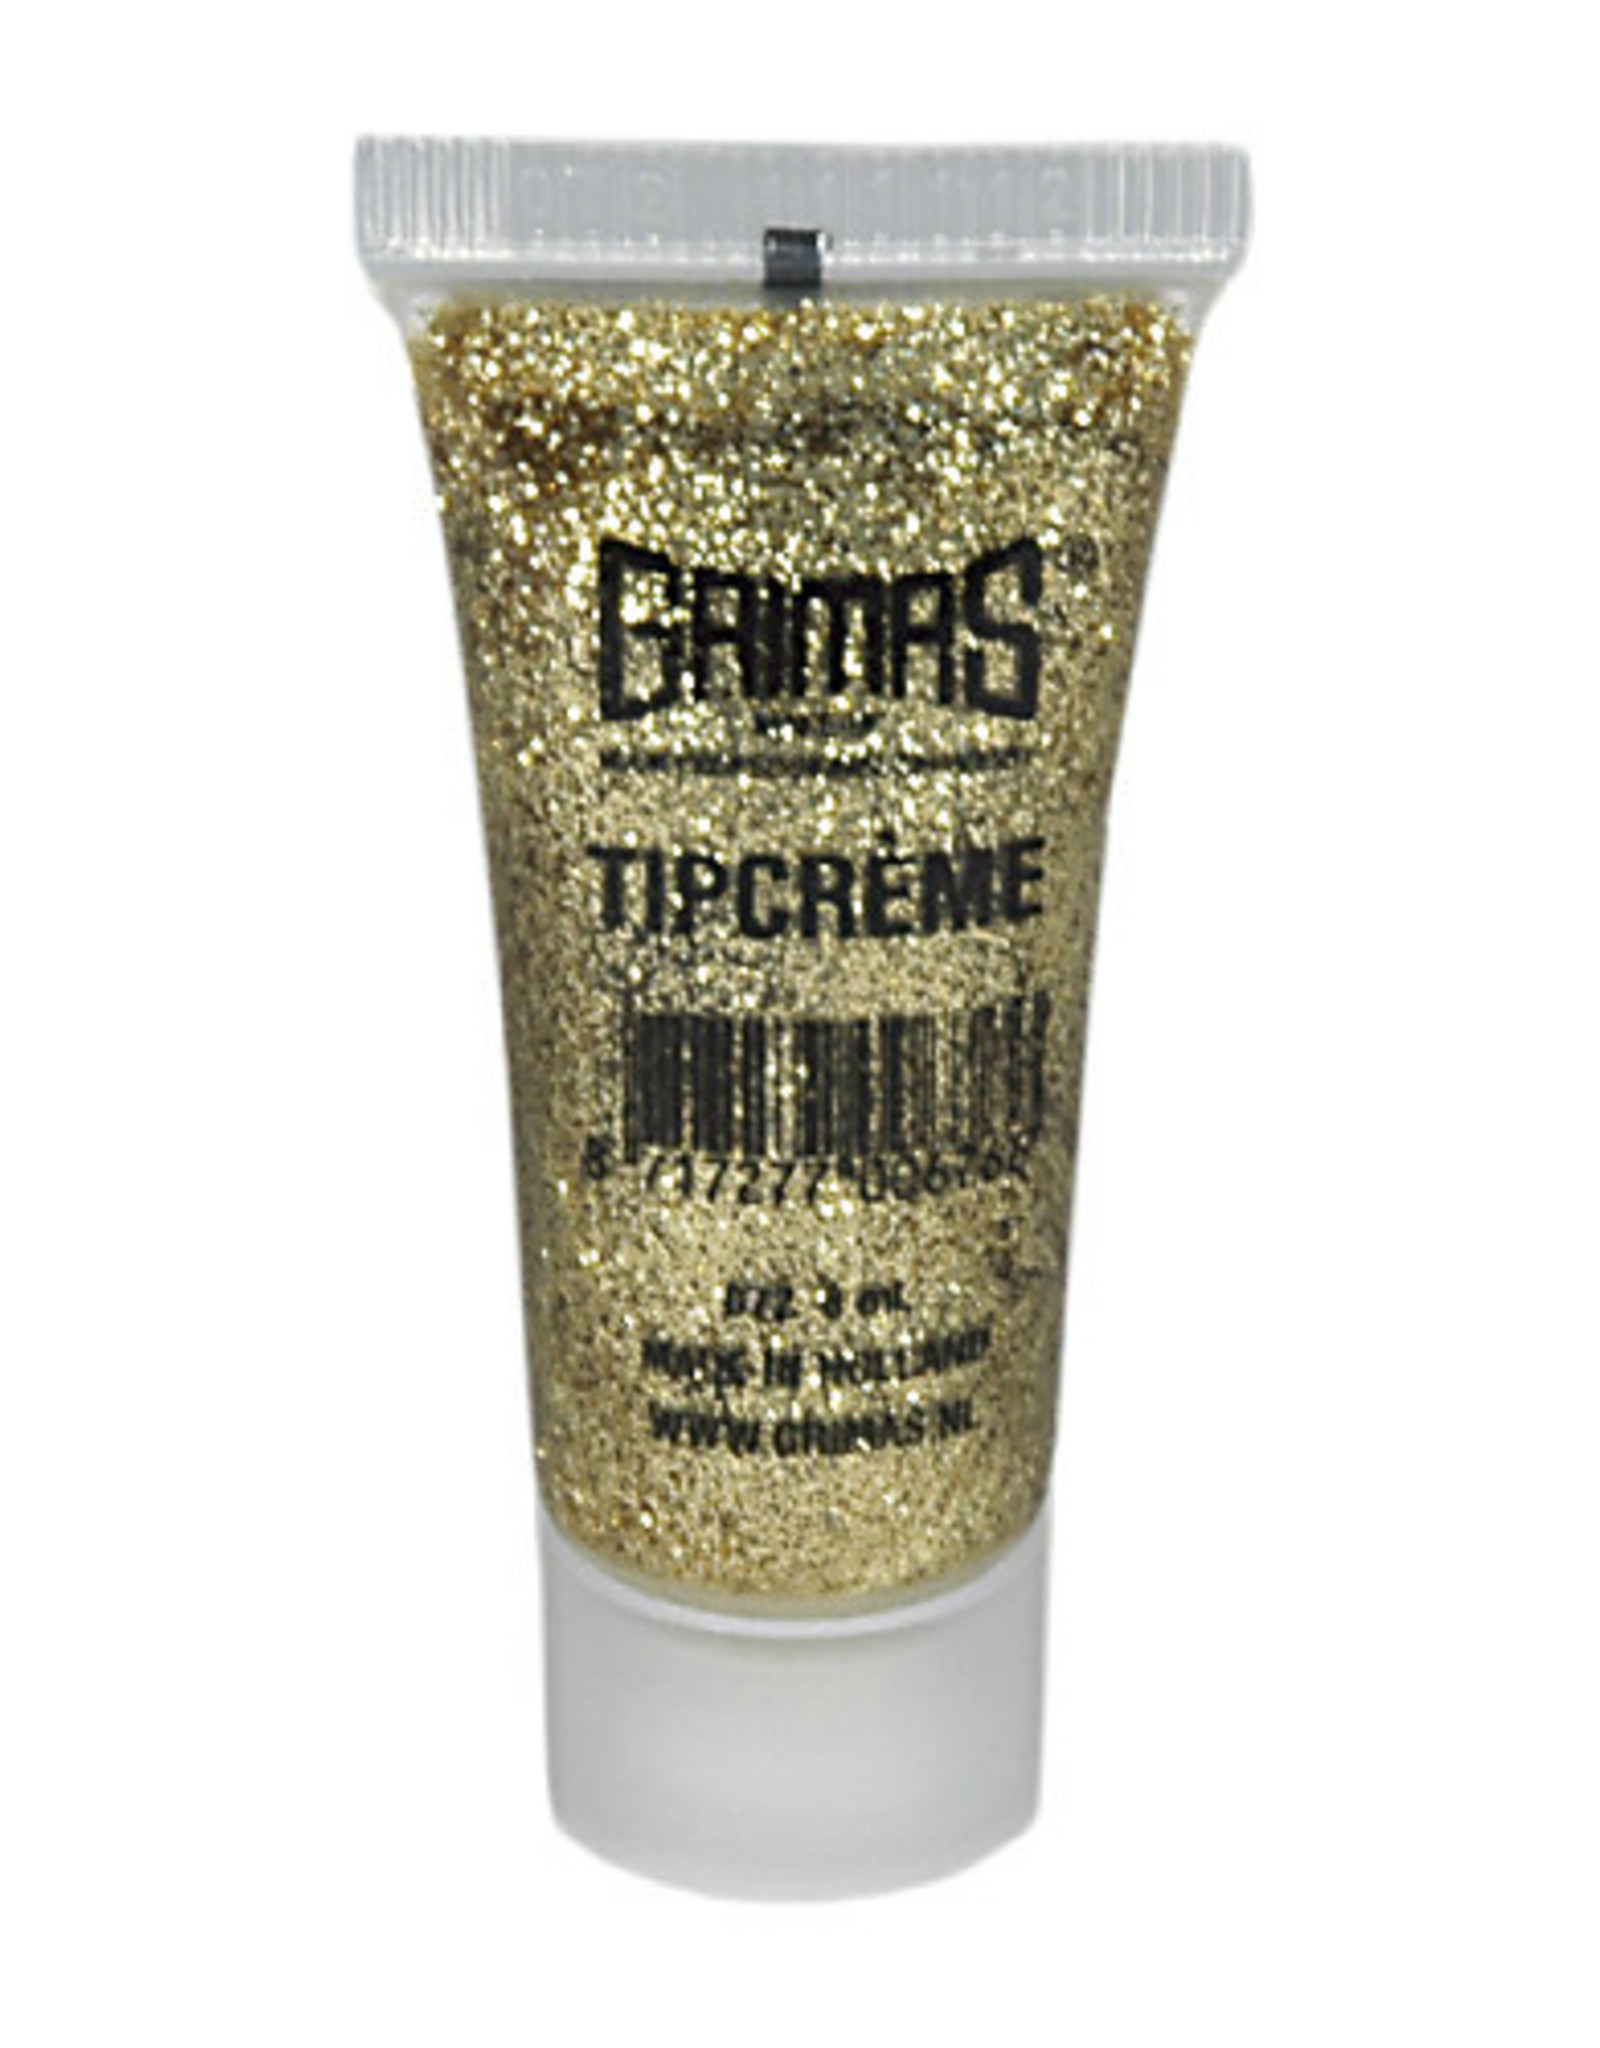 Grimas TIPCREME 072 Goud 8 ml